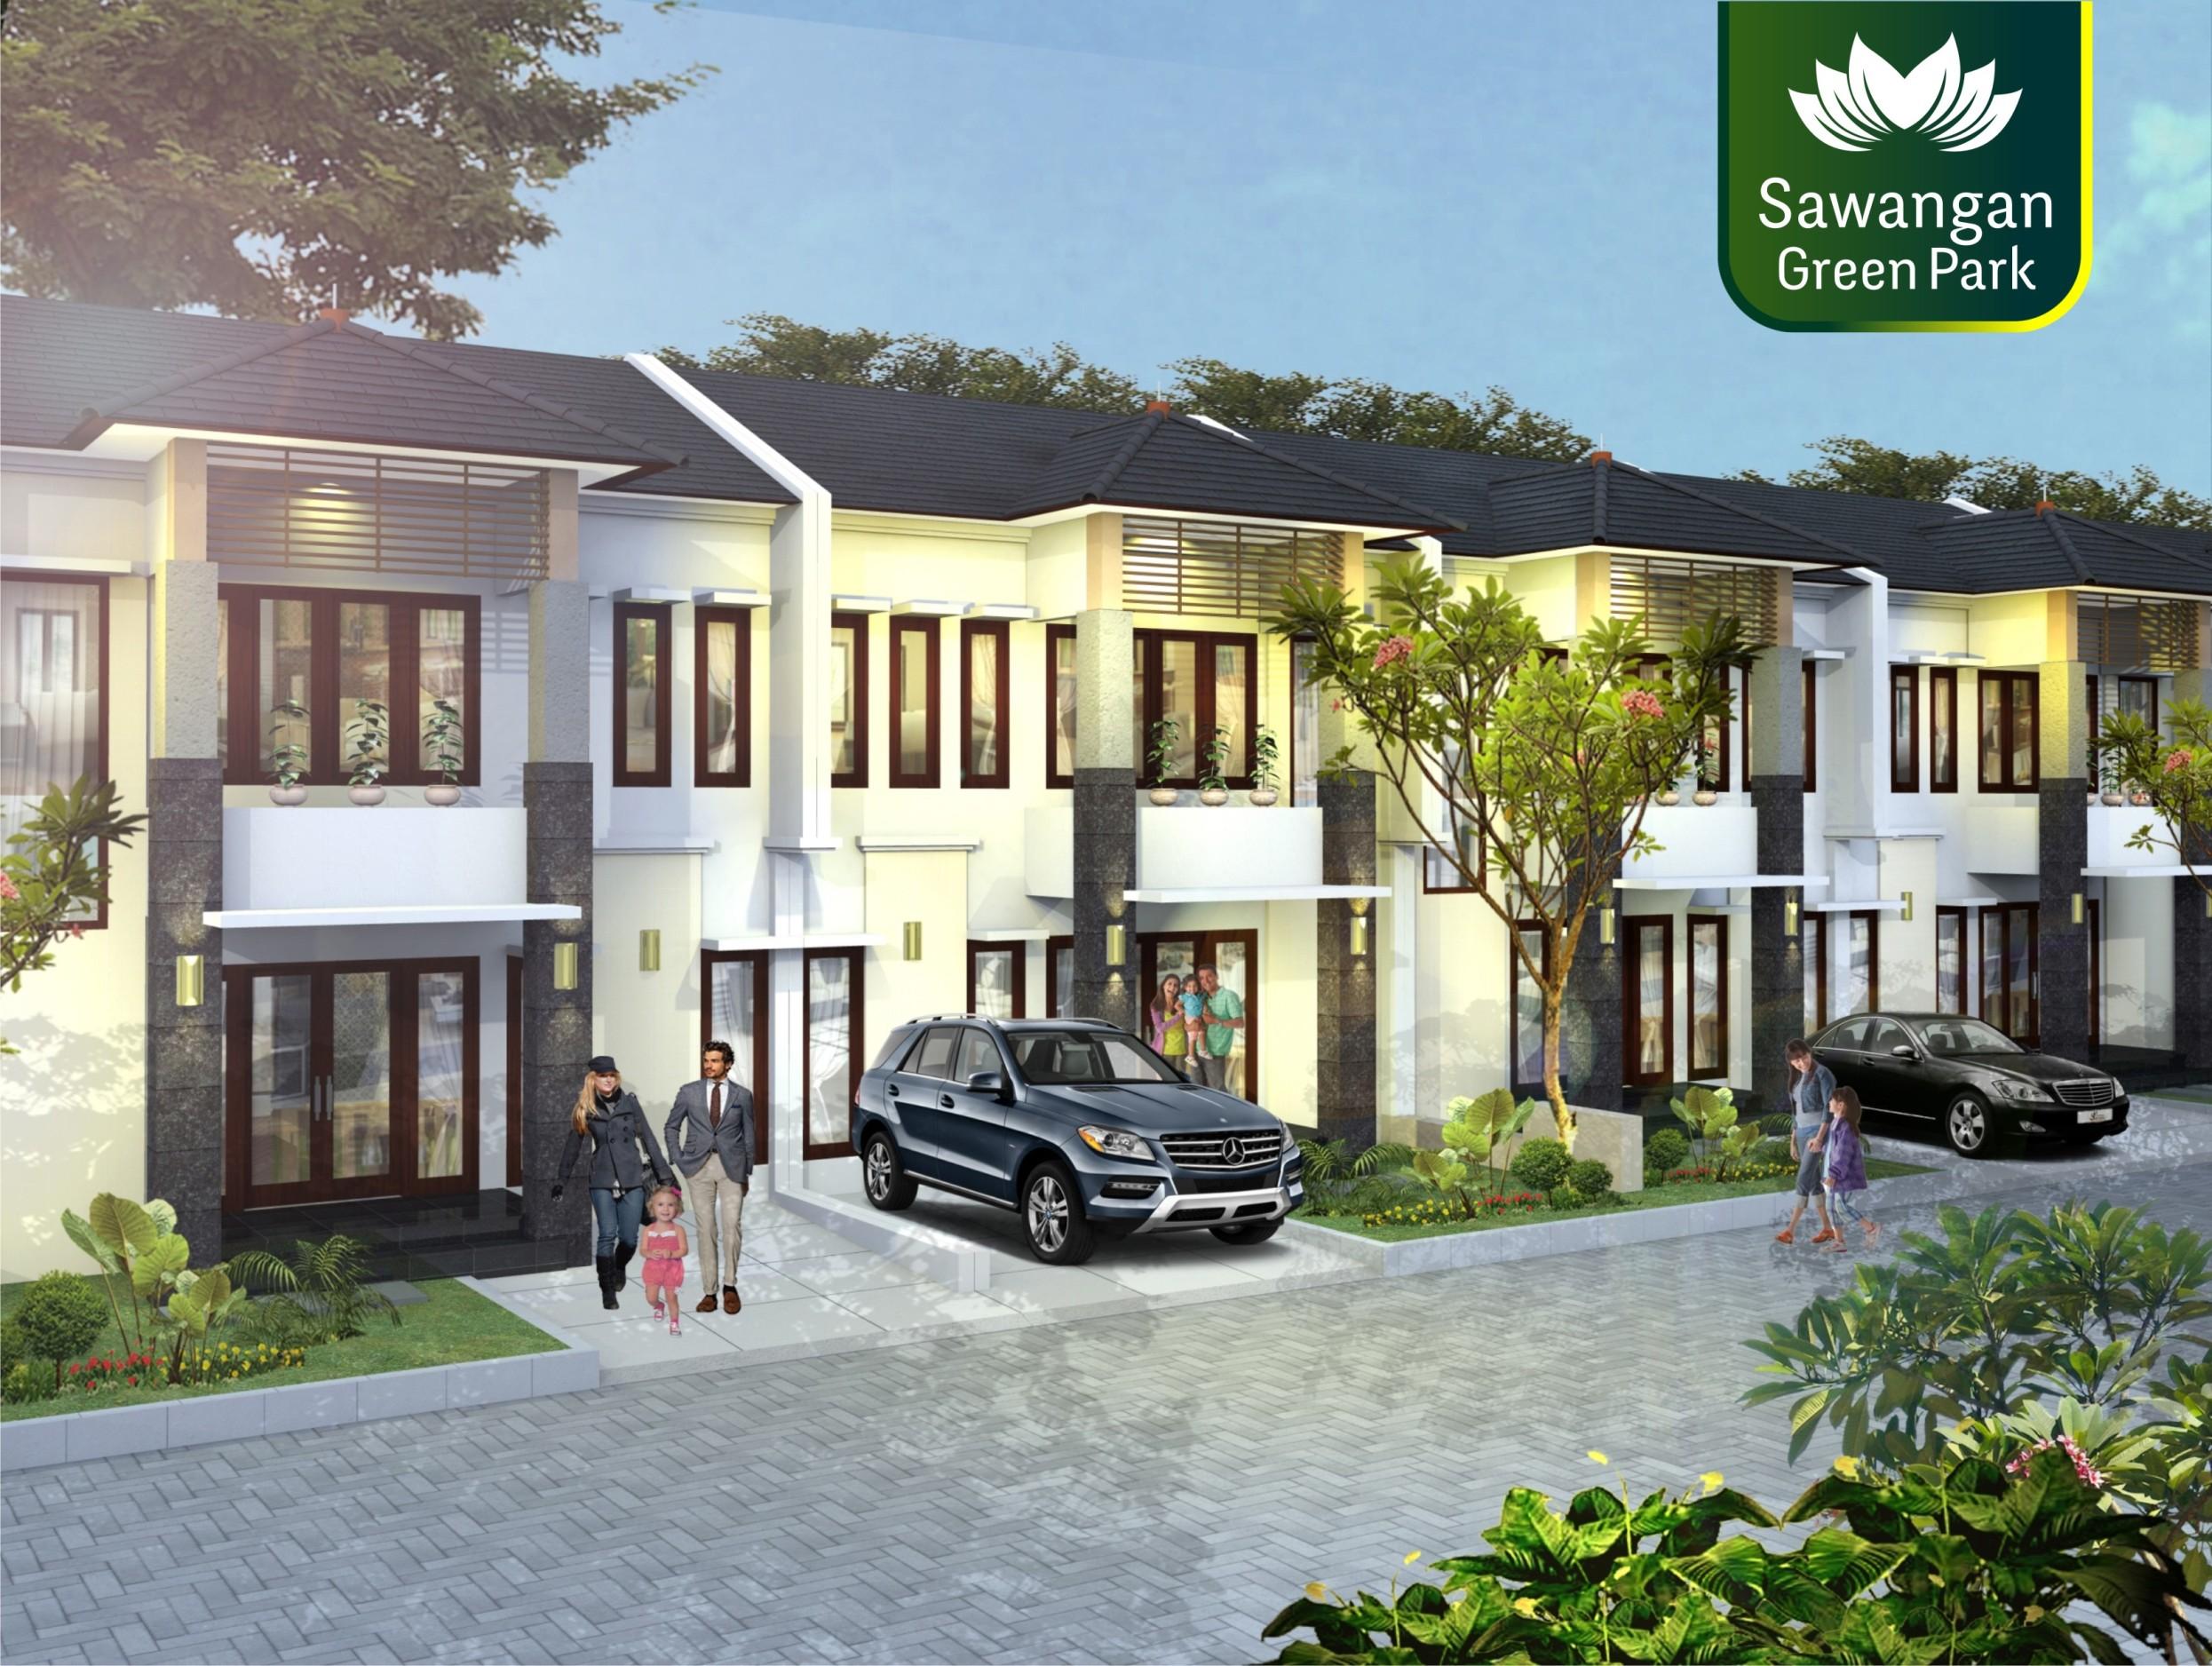 rumah-sawangan-green-park-depok-type-80